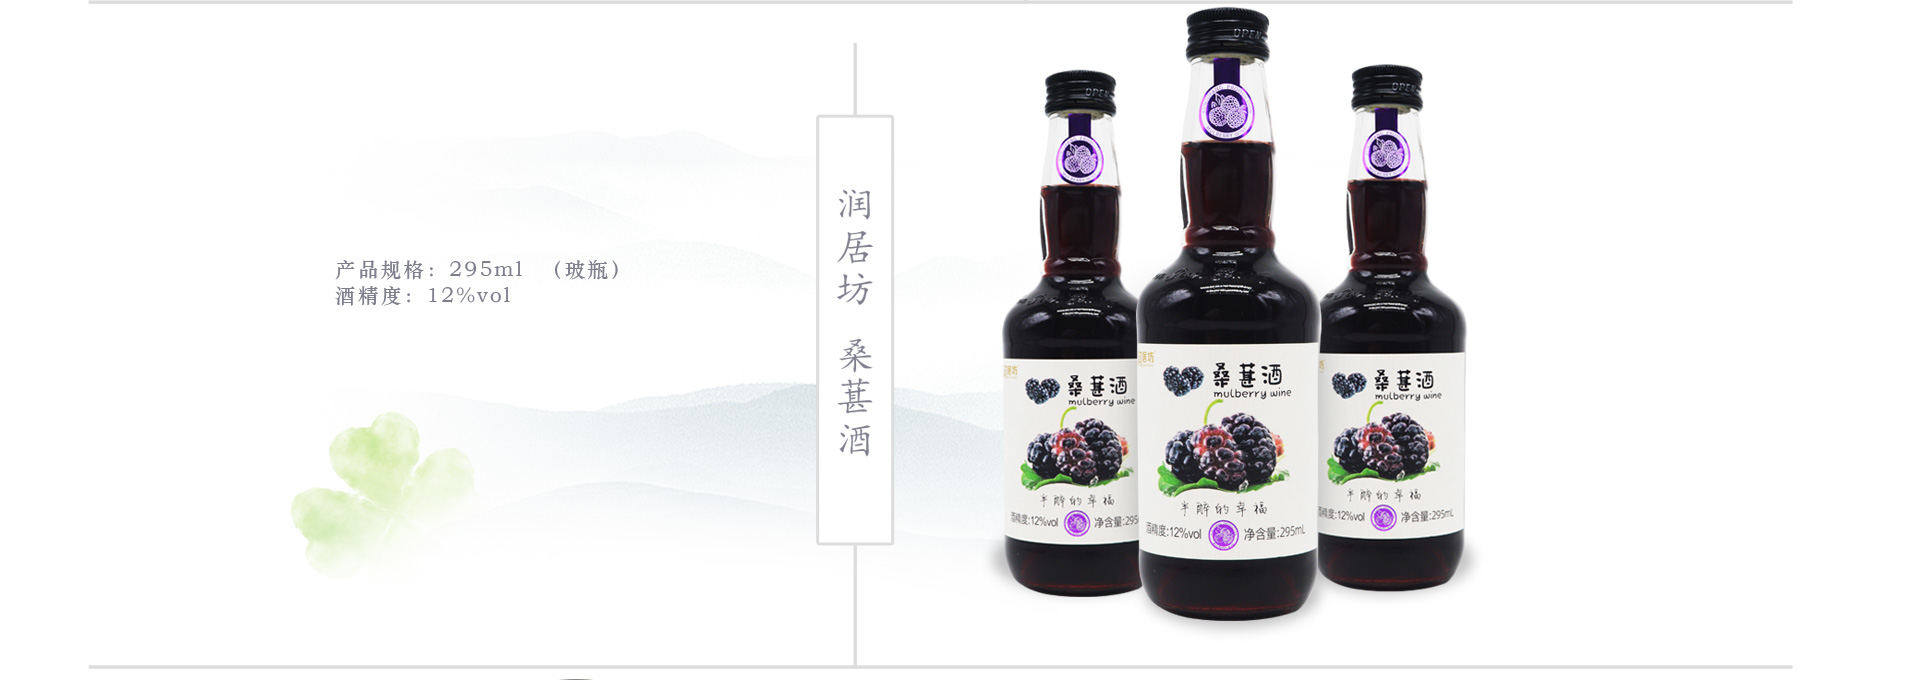 乐虎国际维一官网果酒